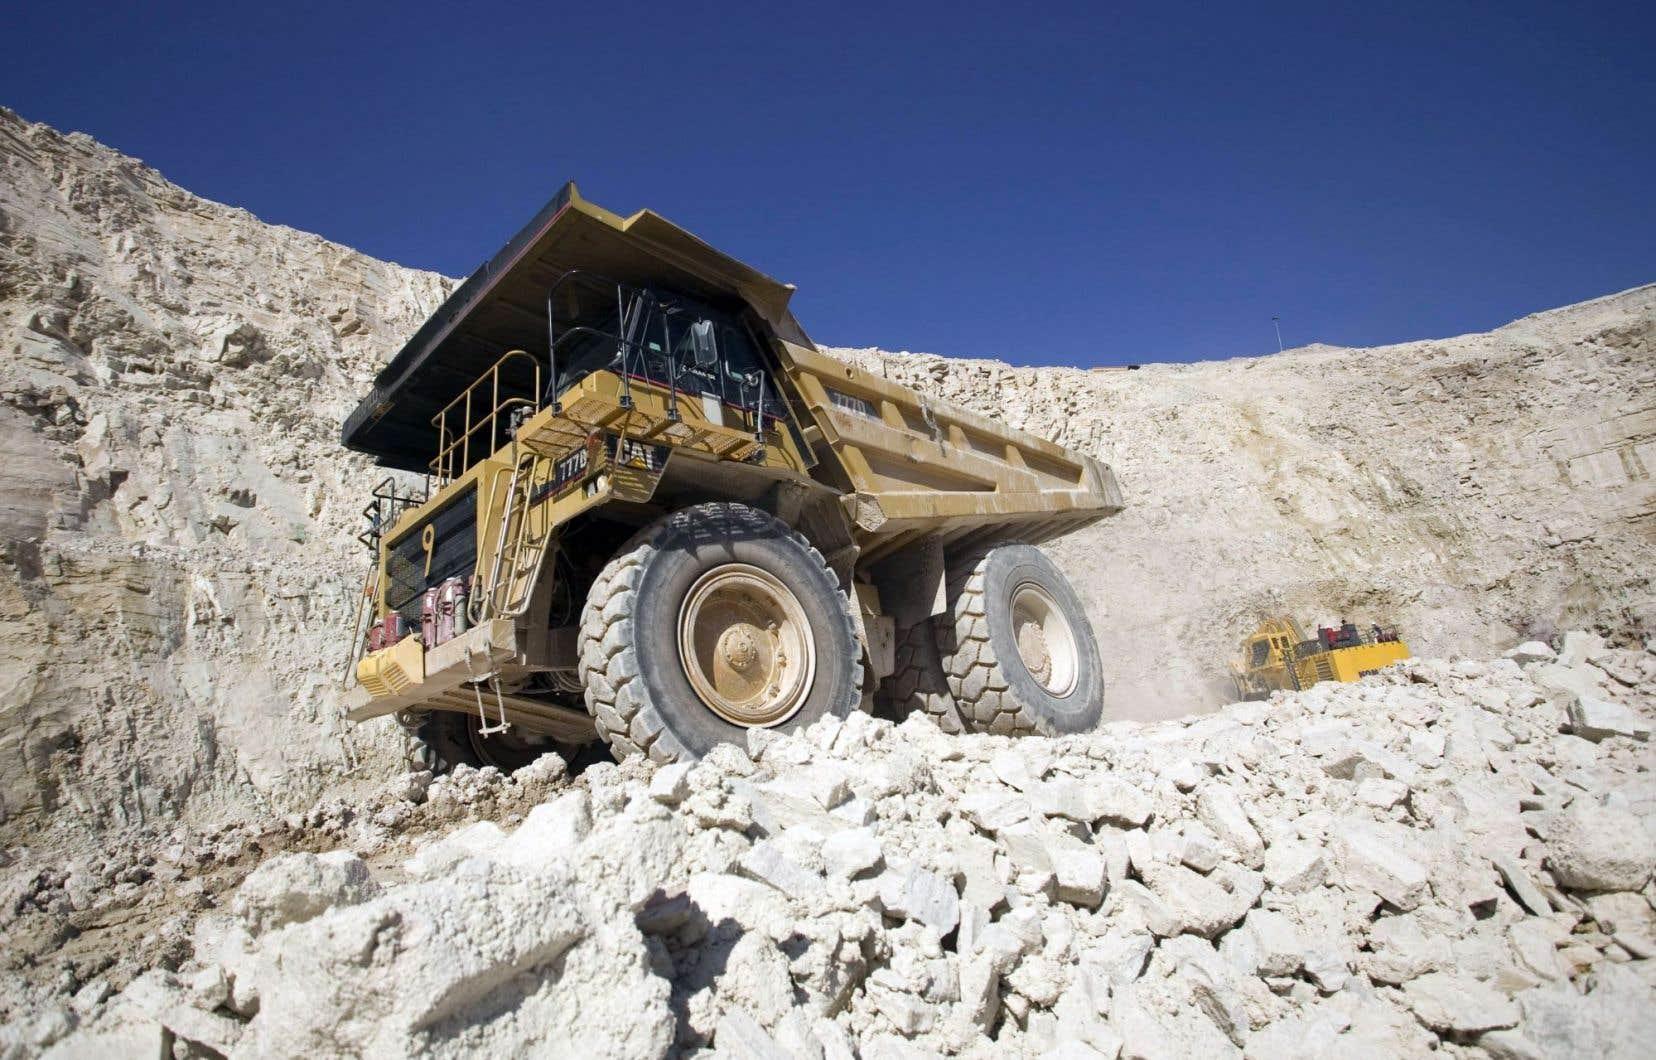 Si l'exploitation de la filière uranifère est frappée d'un moratoire au Québec, l'Alberta compte notamment la mine Sue E sur le site McClean Lake, au nord.